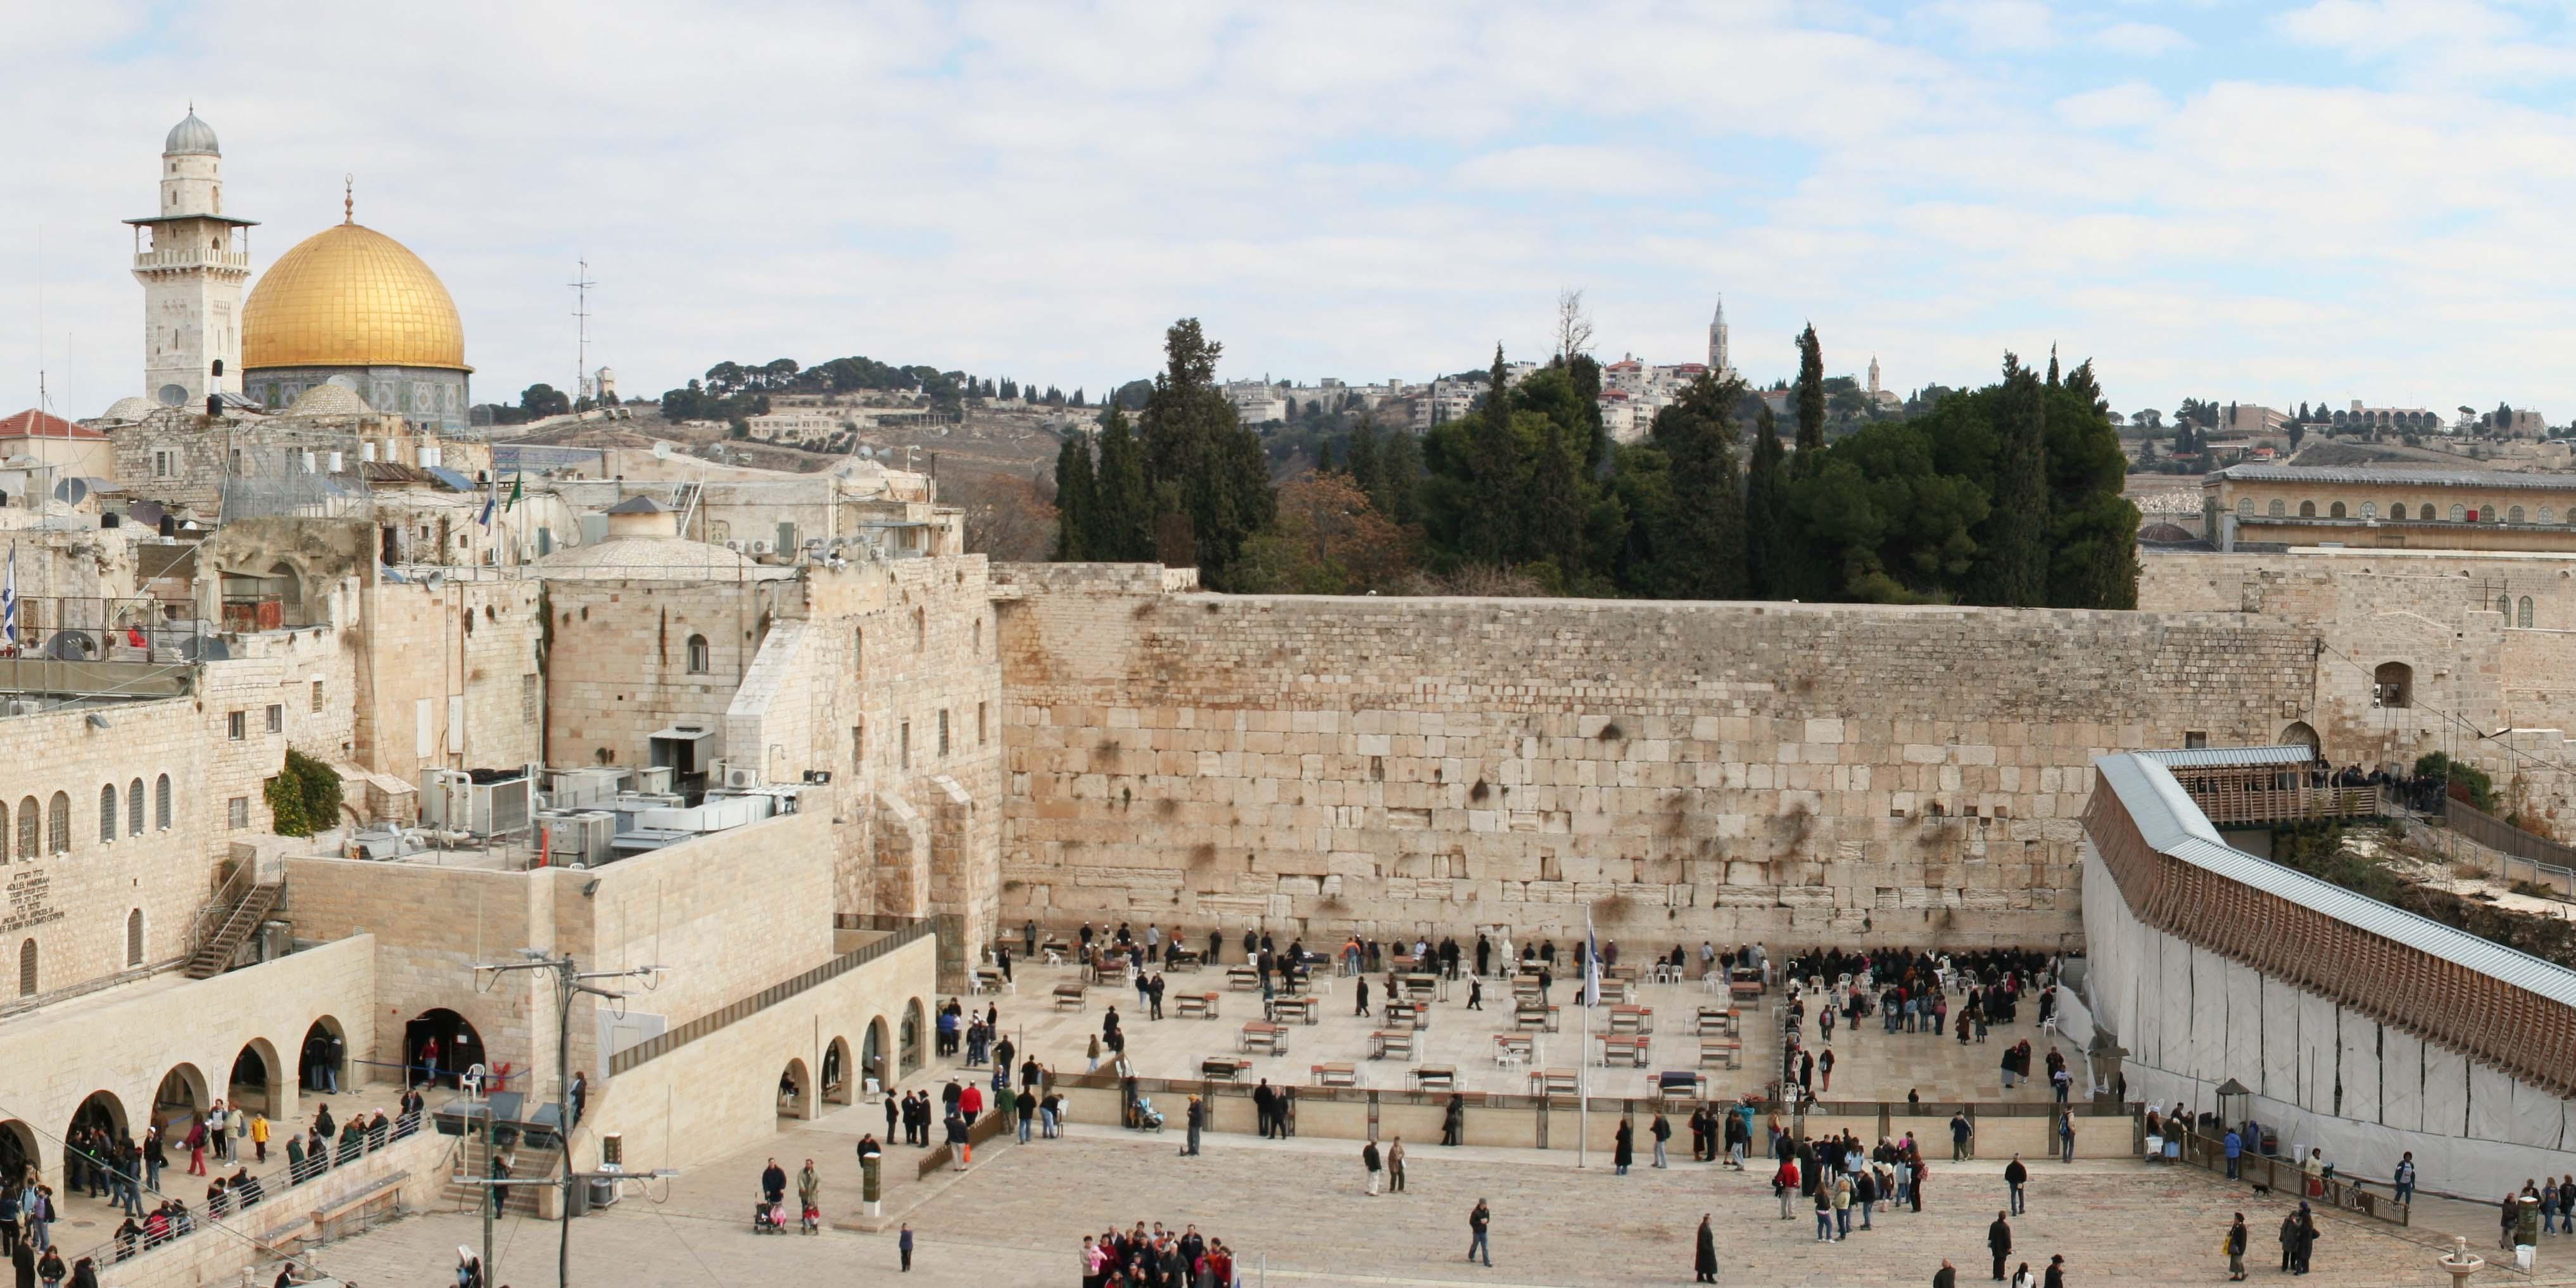 Non, l'Unesco ne remet pas en cause le lien entre Jérusalem et le judaïsme